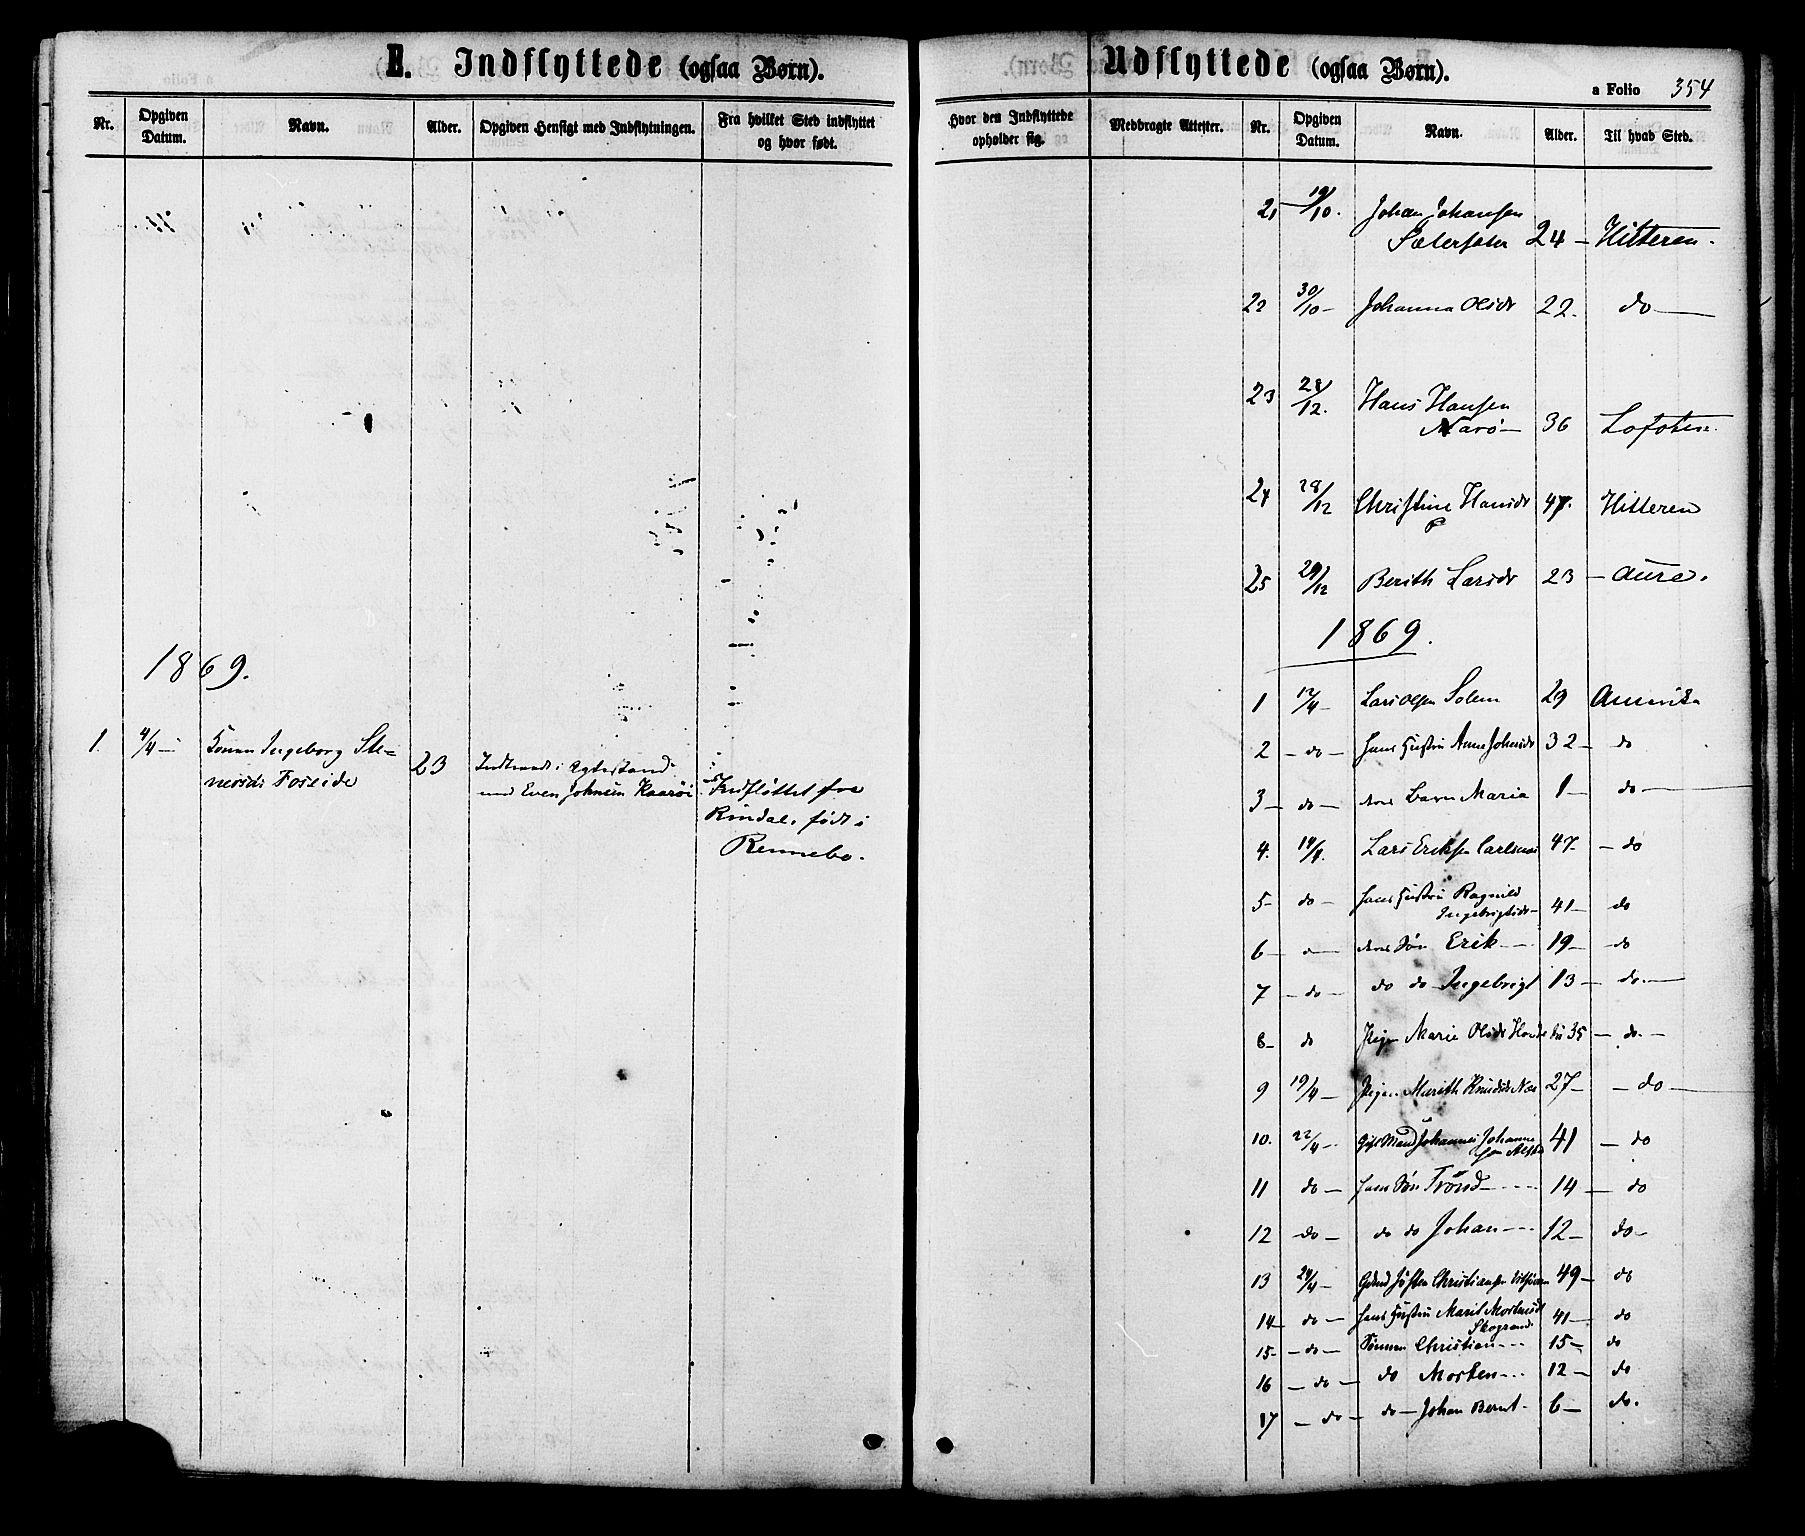 SAT, Ministerialprotokoller, klokkerbøker og fødselsregistre - Sør-Trøndelag, 630/L0495: Ministerialbok nr. 630A08, 1868-1878, s. 354